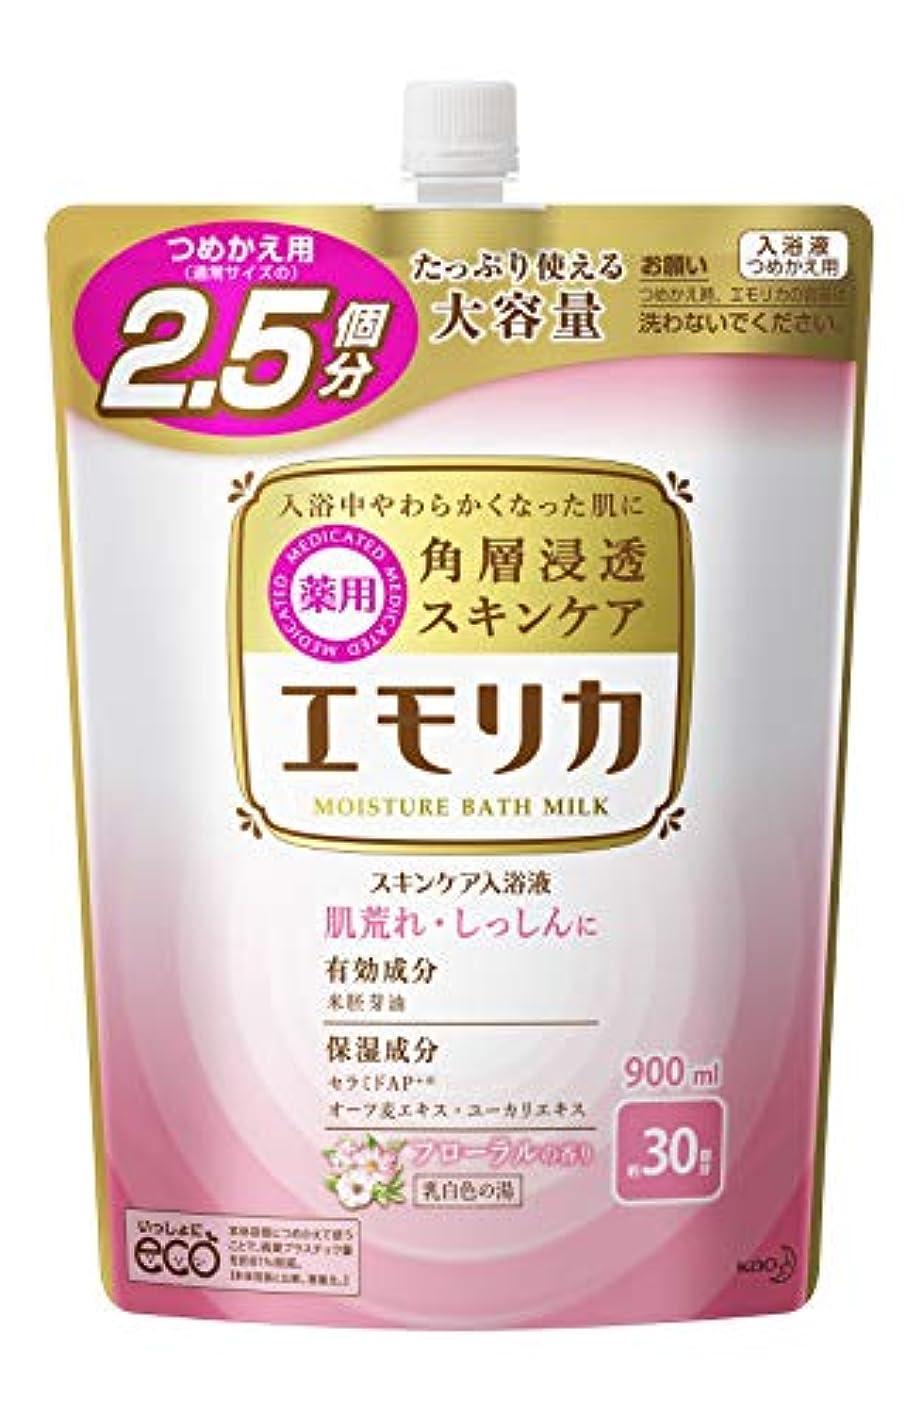 音節傭兵動脈【大容量】エモリカ 薬用スキンケア入浴液 フローラルの香り つめかえ用900ml 液体 入浴剤 (赤ちゃんにも使えます)